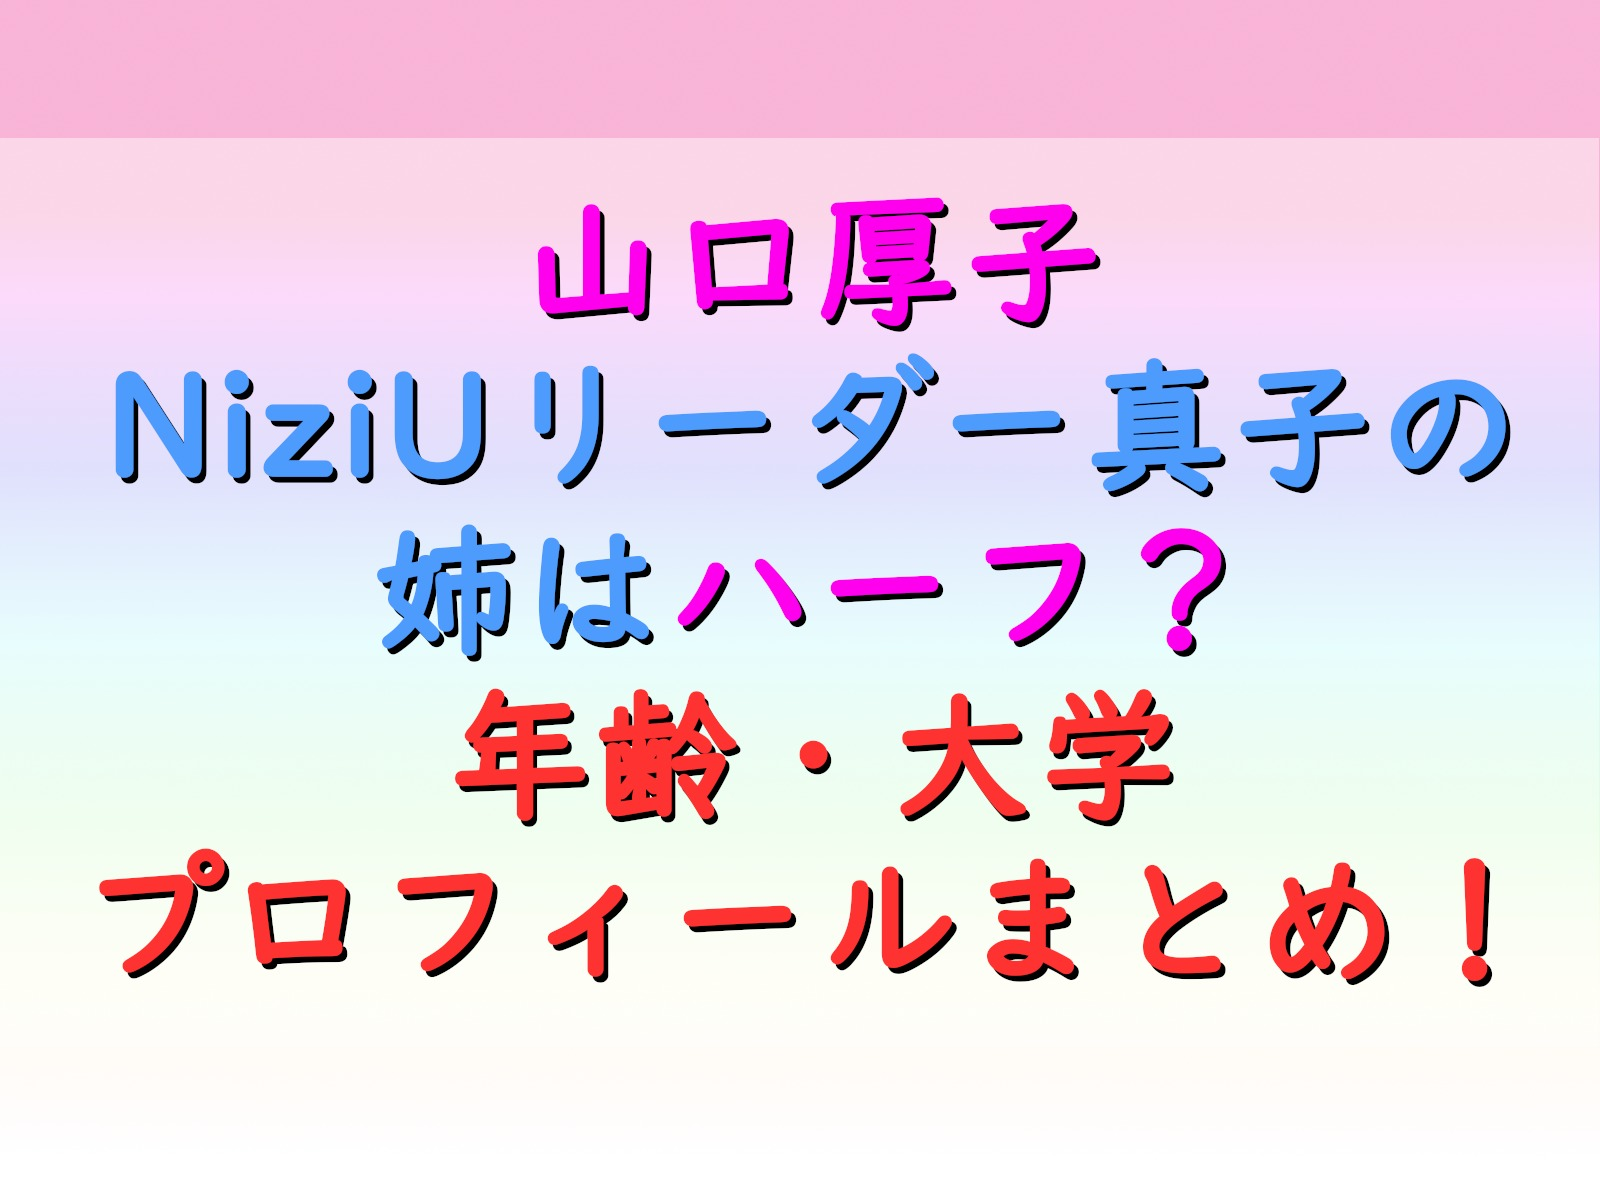 山口厚子【NiziUリーダー真子の姉】ハーフ?年齢・大学、プロフィールまとめ!